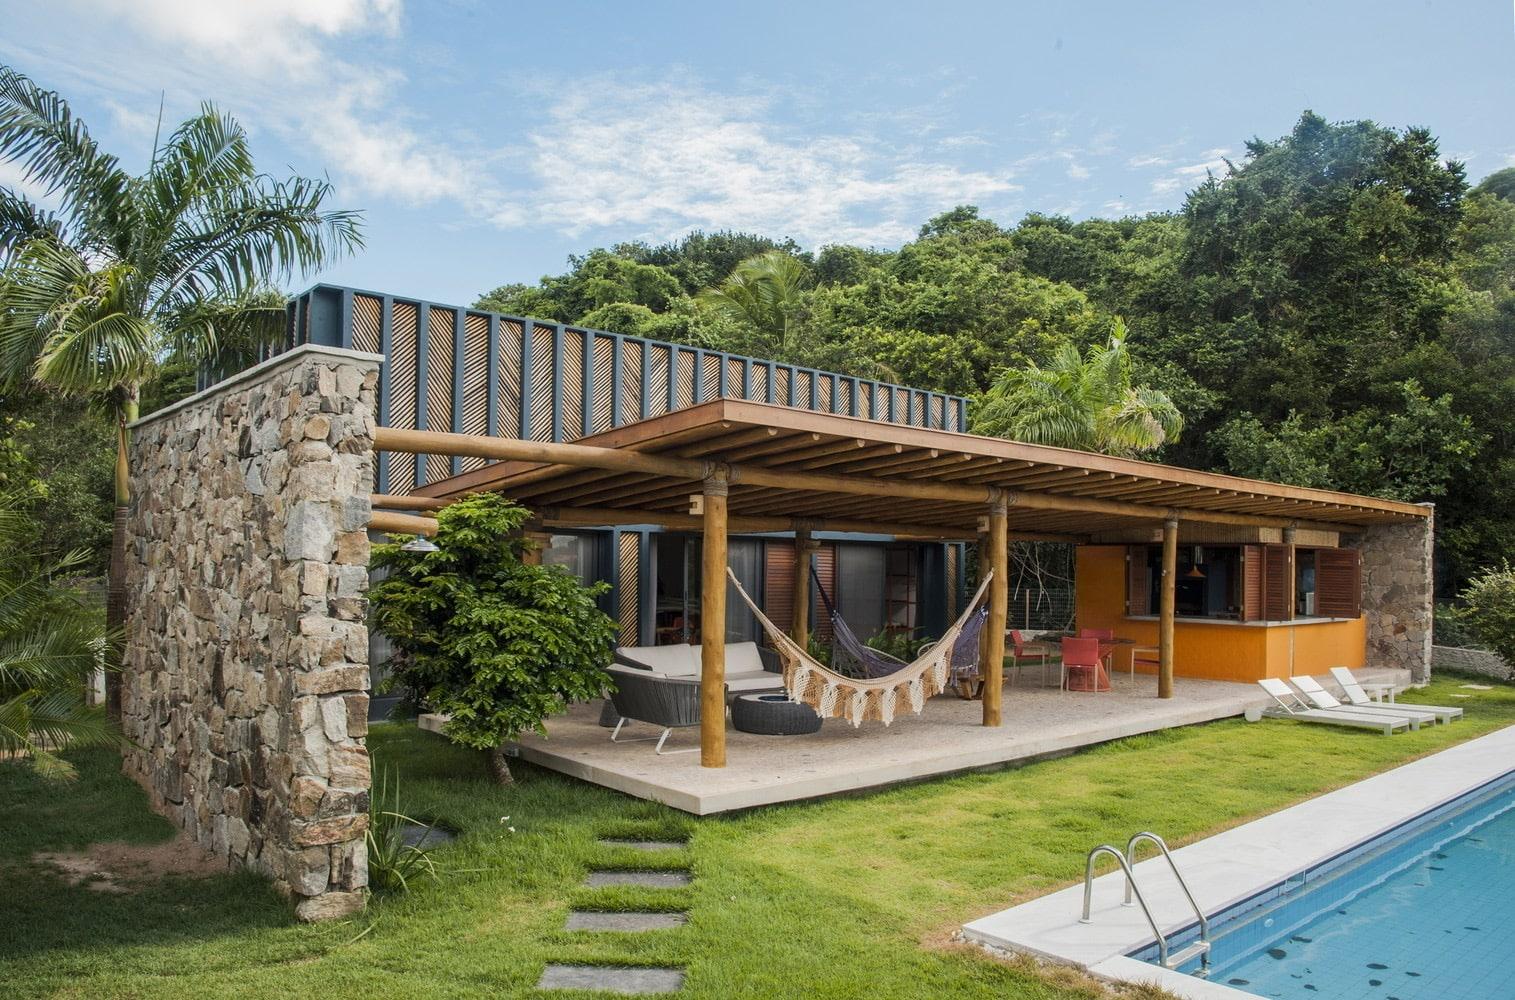 35 Contoh Desain Rumah Bambu Elegan Dan Minimalis